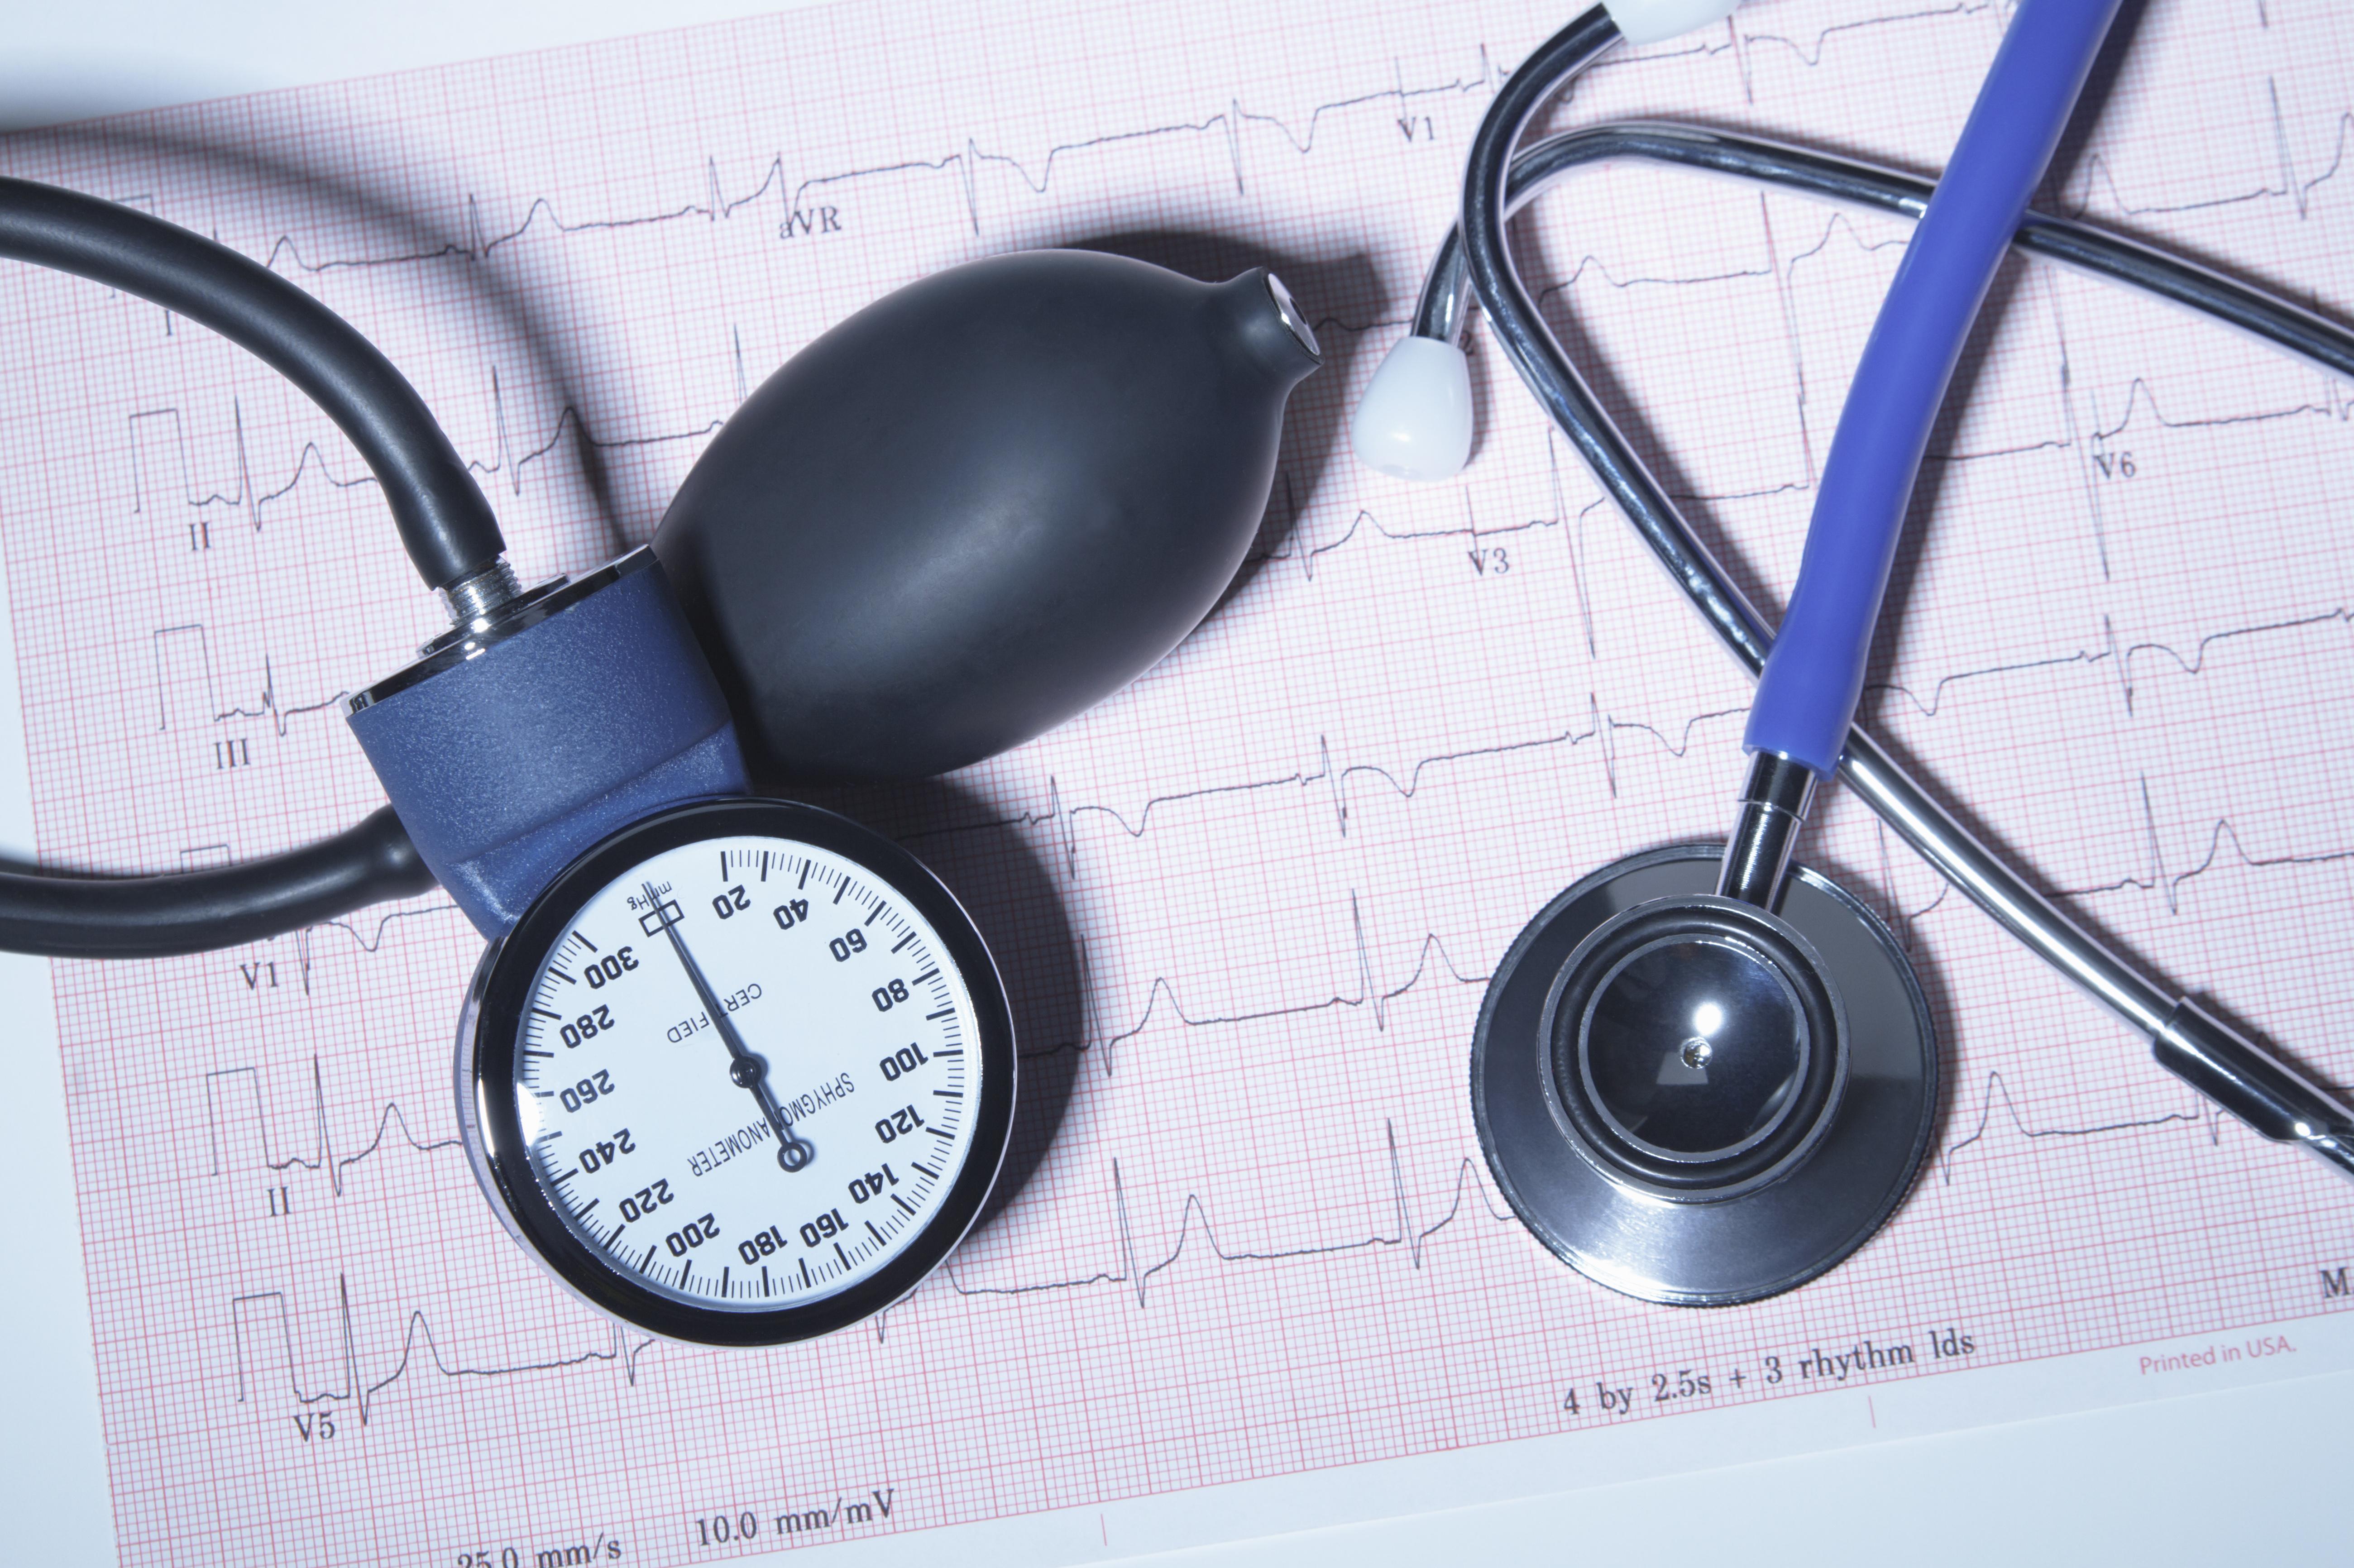 az embereknél a magas vérnyomás génje dominál)